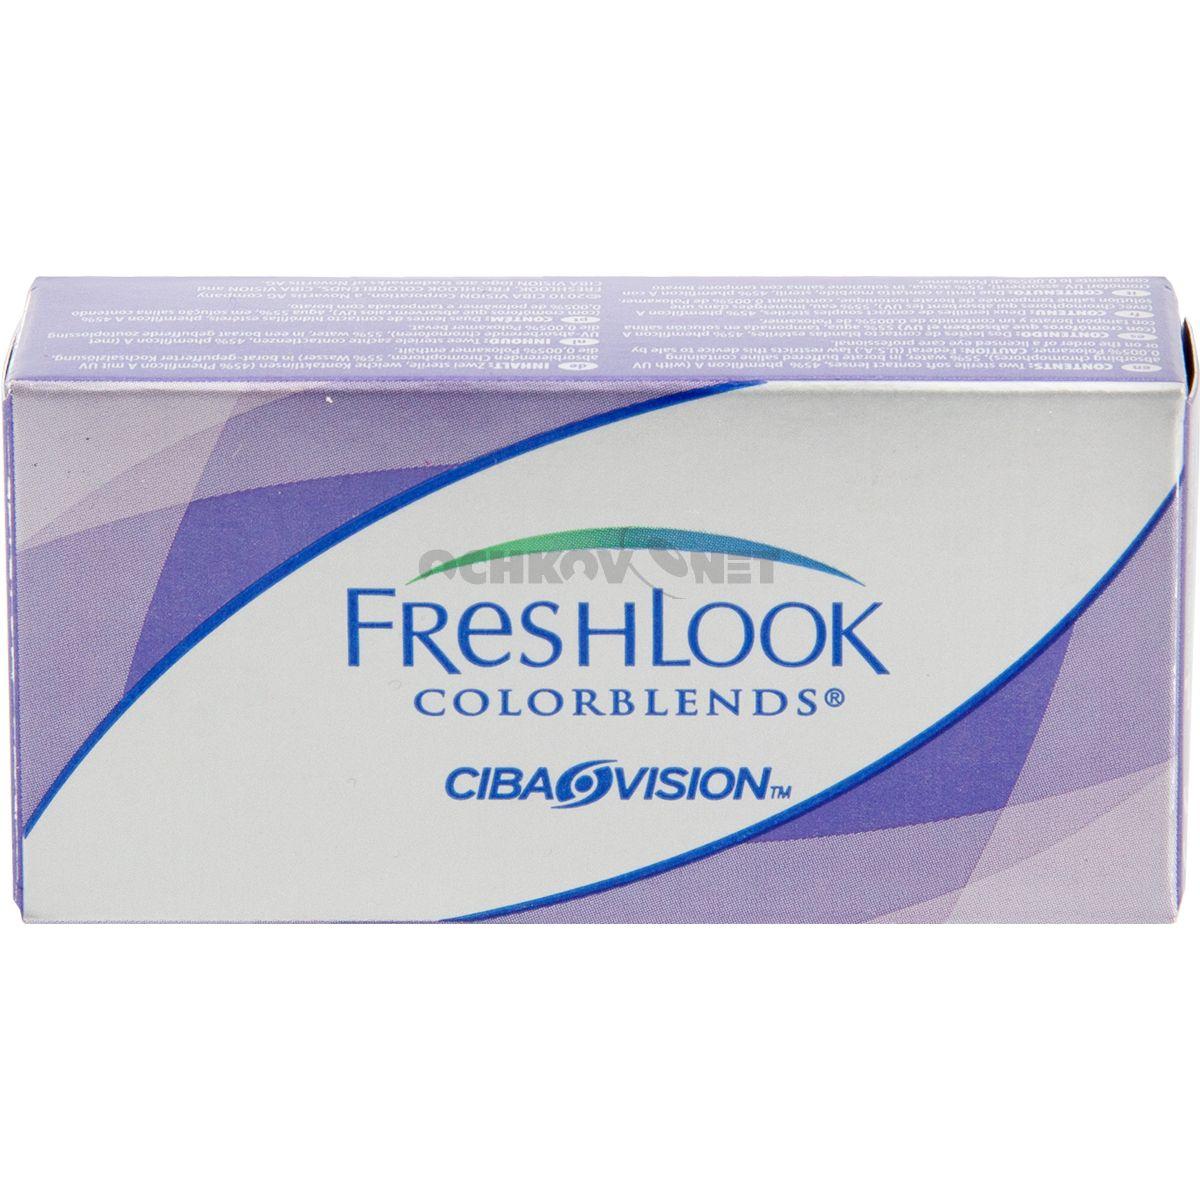 FreshLook ColorBlends 1 линза Контактные линзы, Цвет